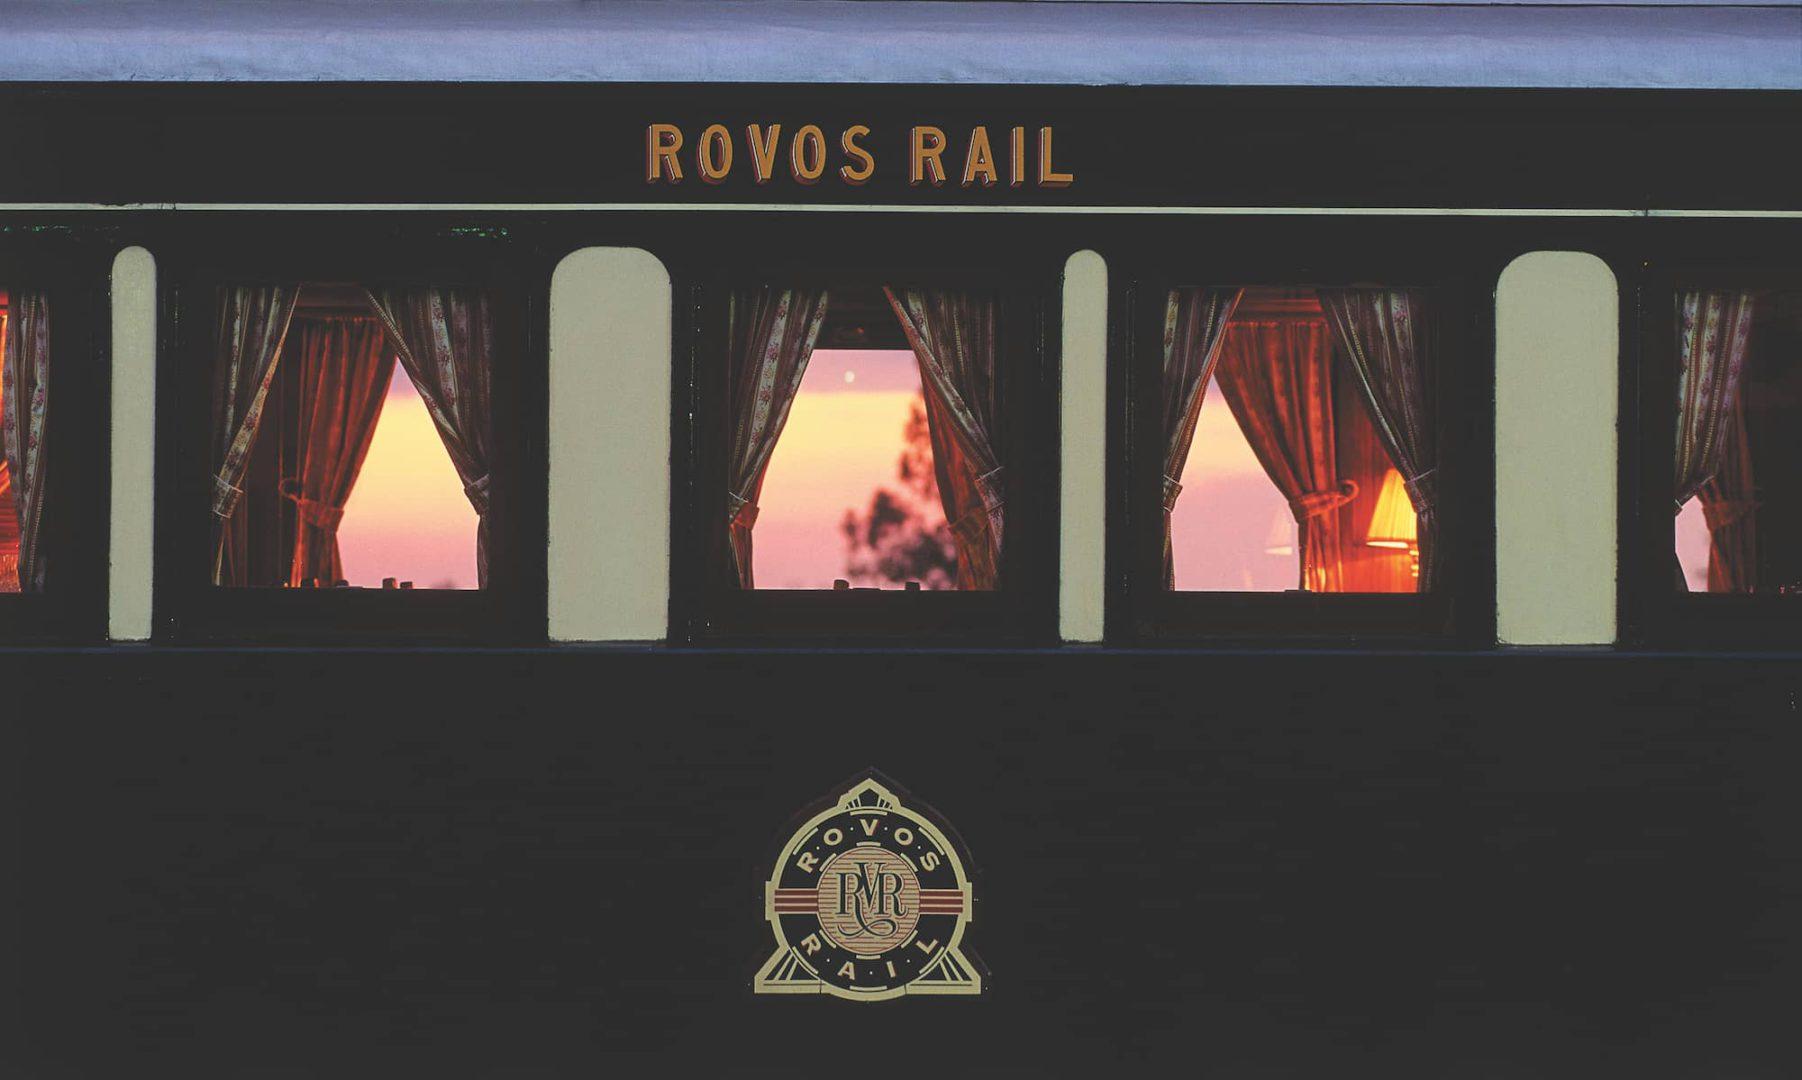 Rovos Rail wagon